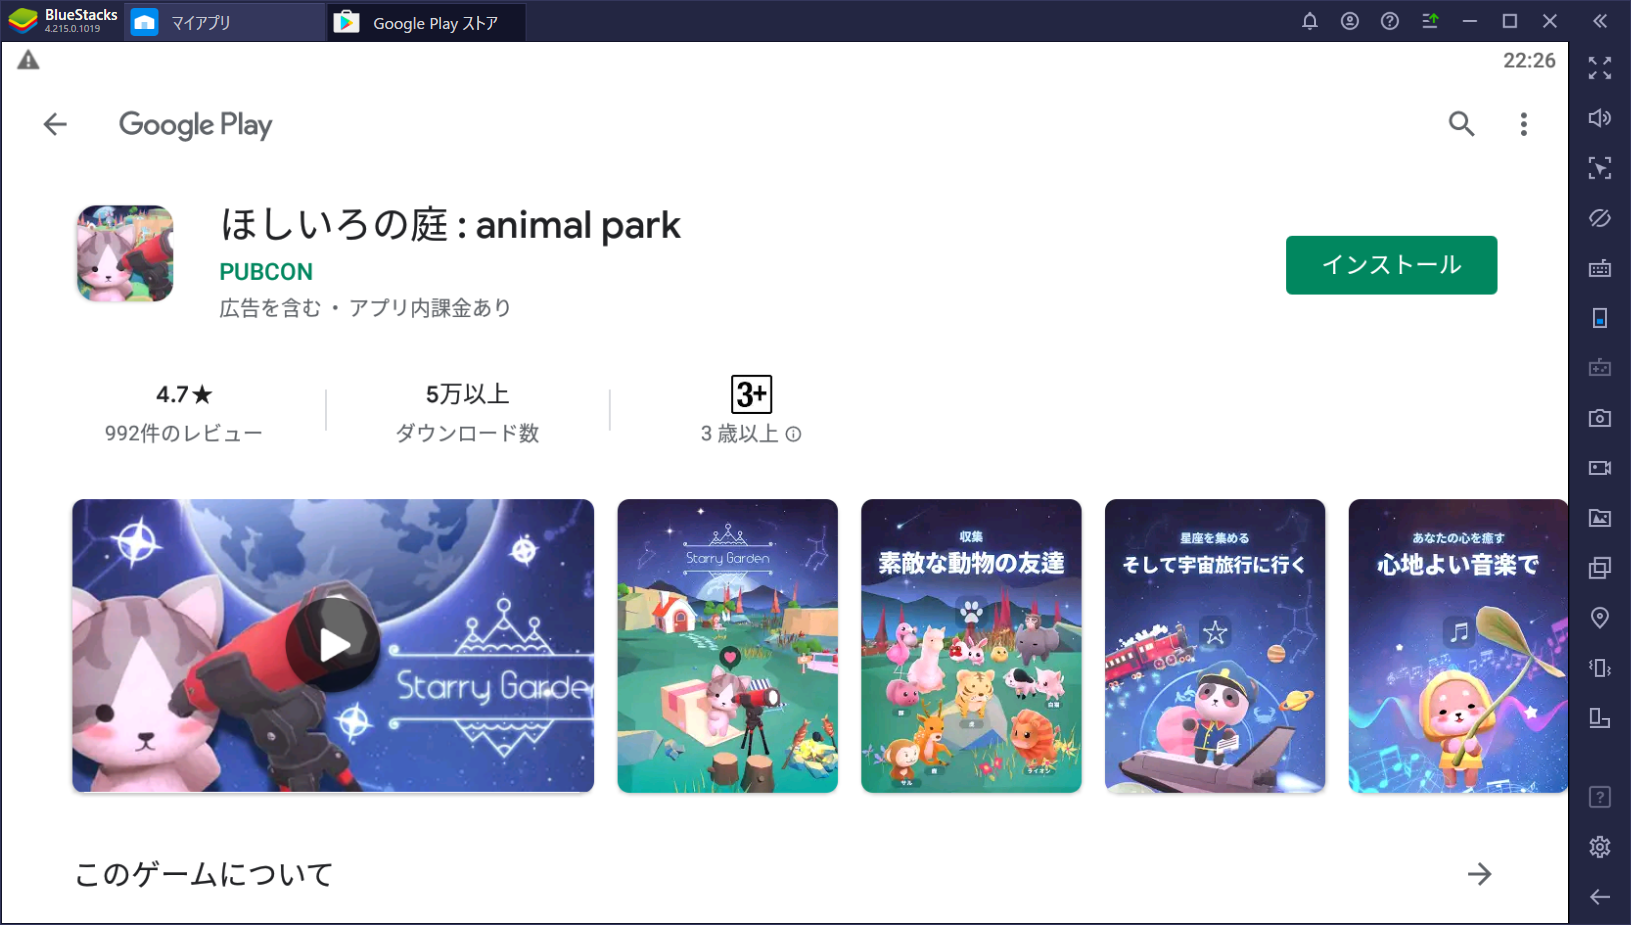 BlueStacksを使ってPCで『ほしいろの庭 : Animal Park』を遊ぼう